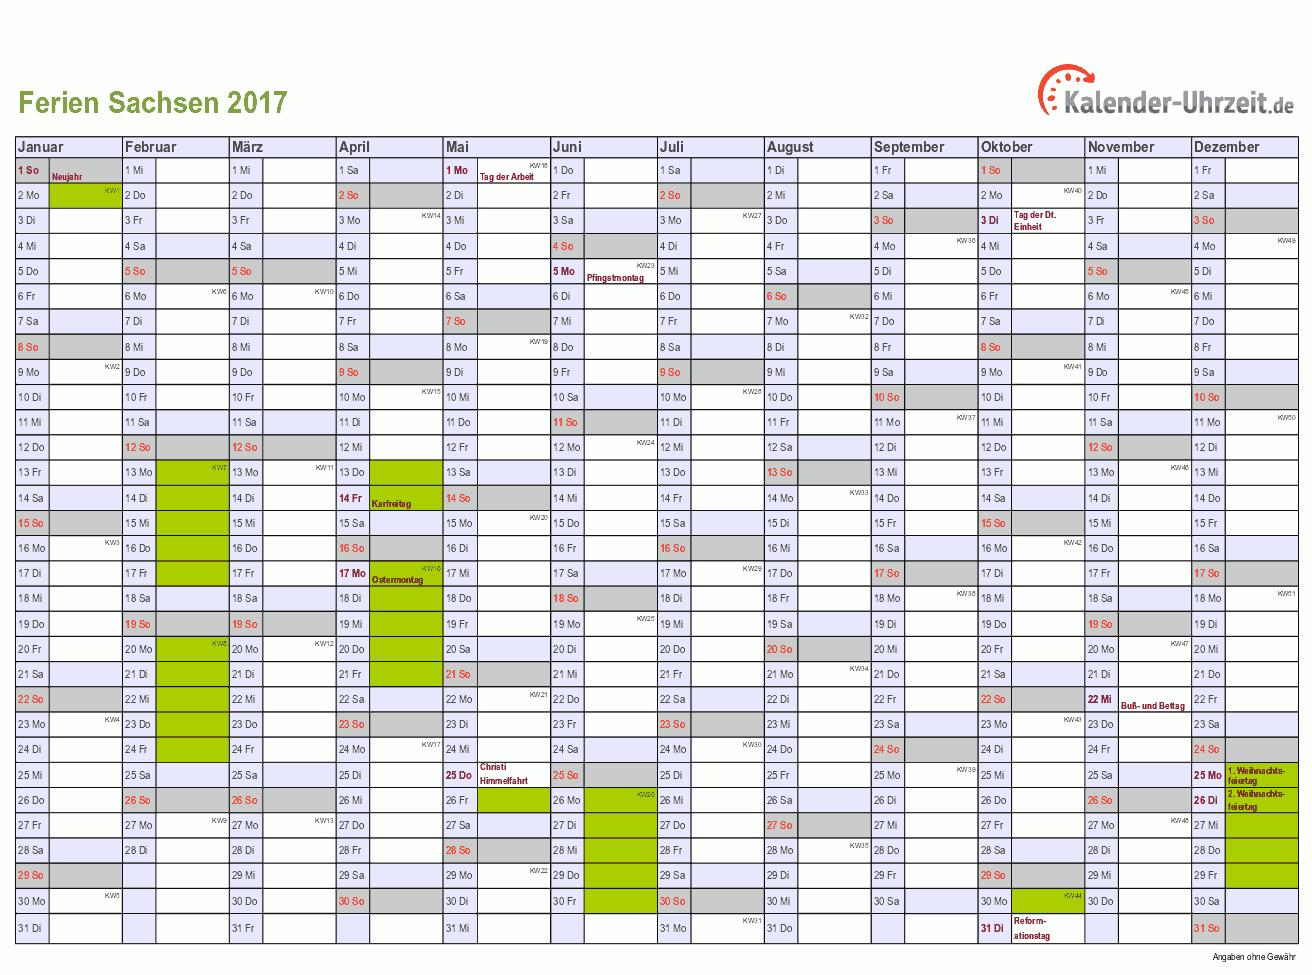 Ferien 2017 Sachsen